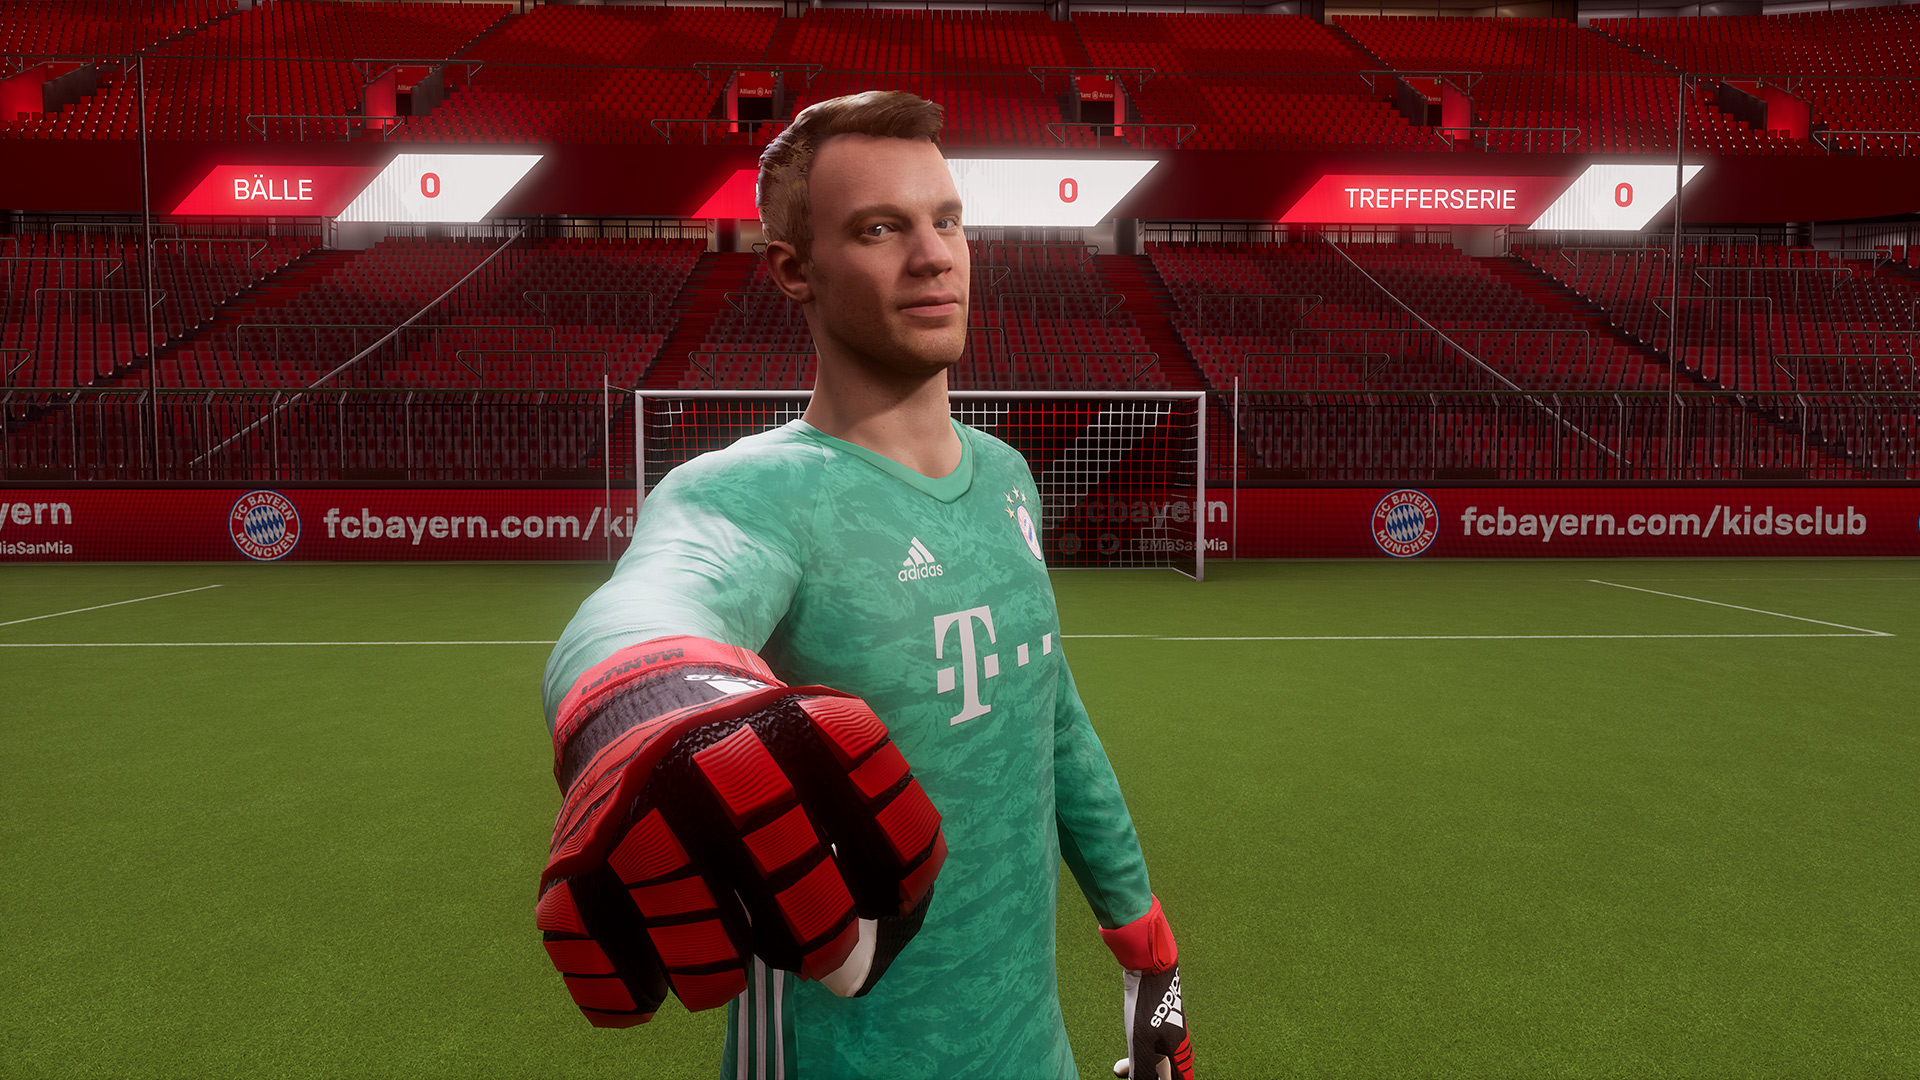 Fc Bayern Login